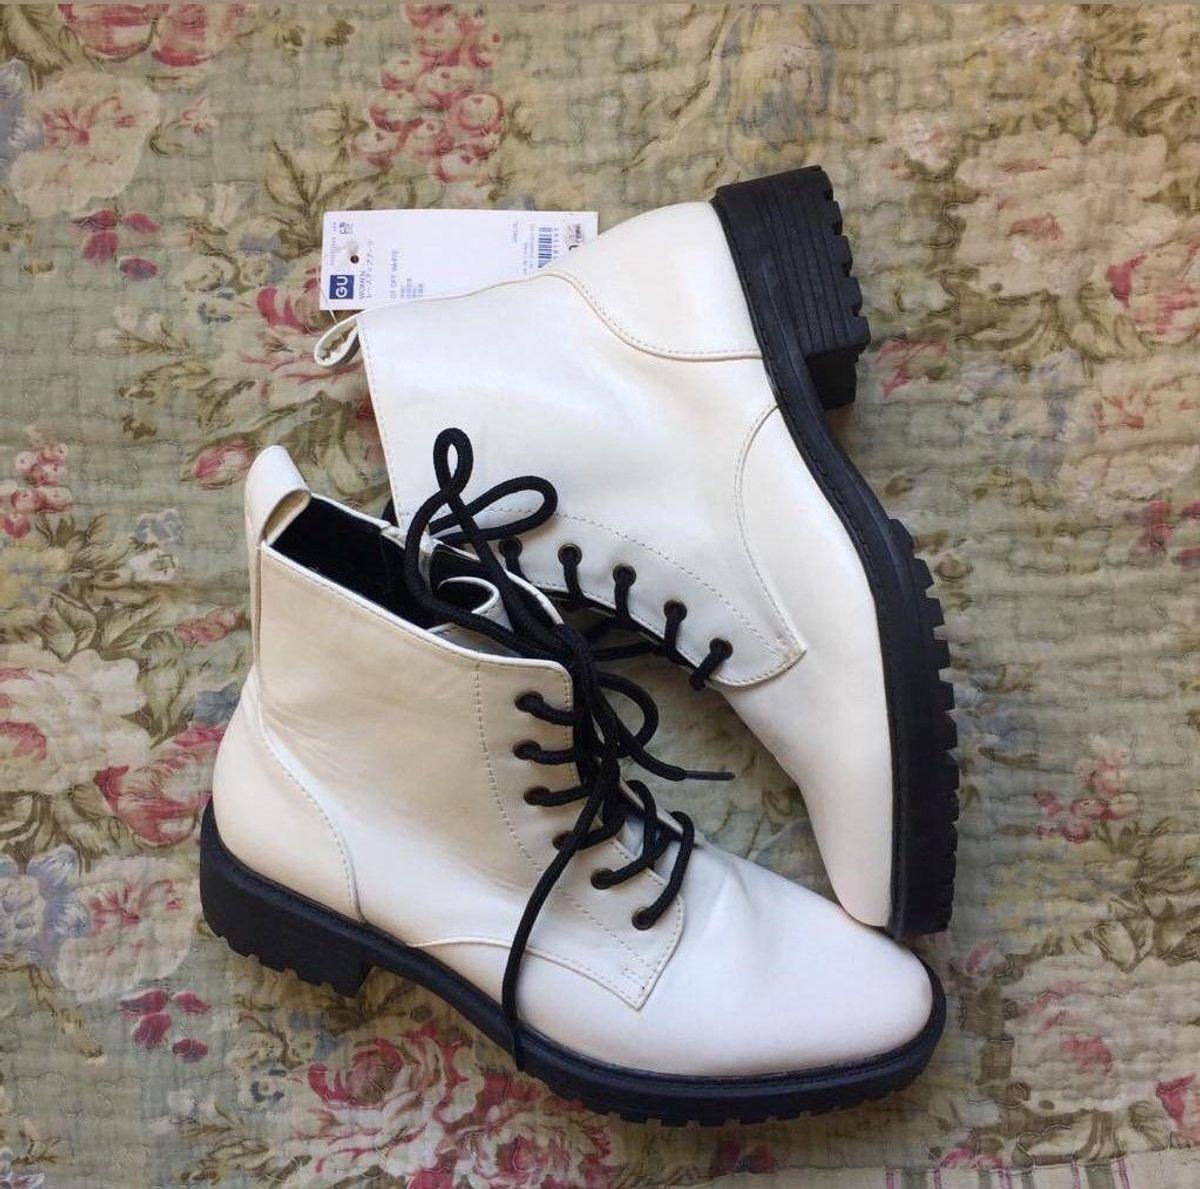 coturno branco - botas gu